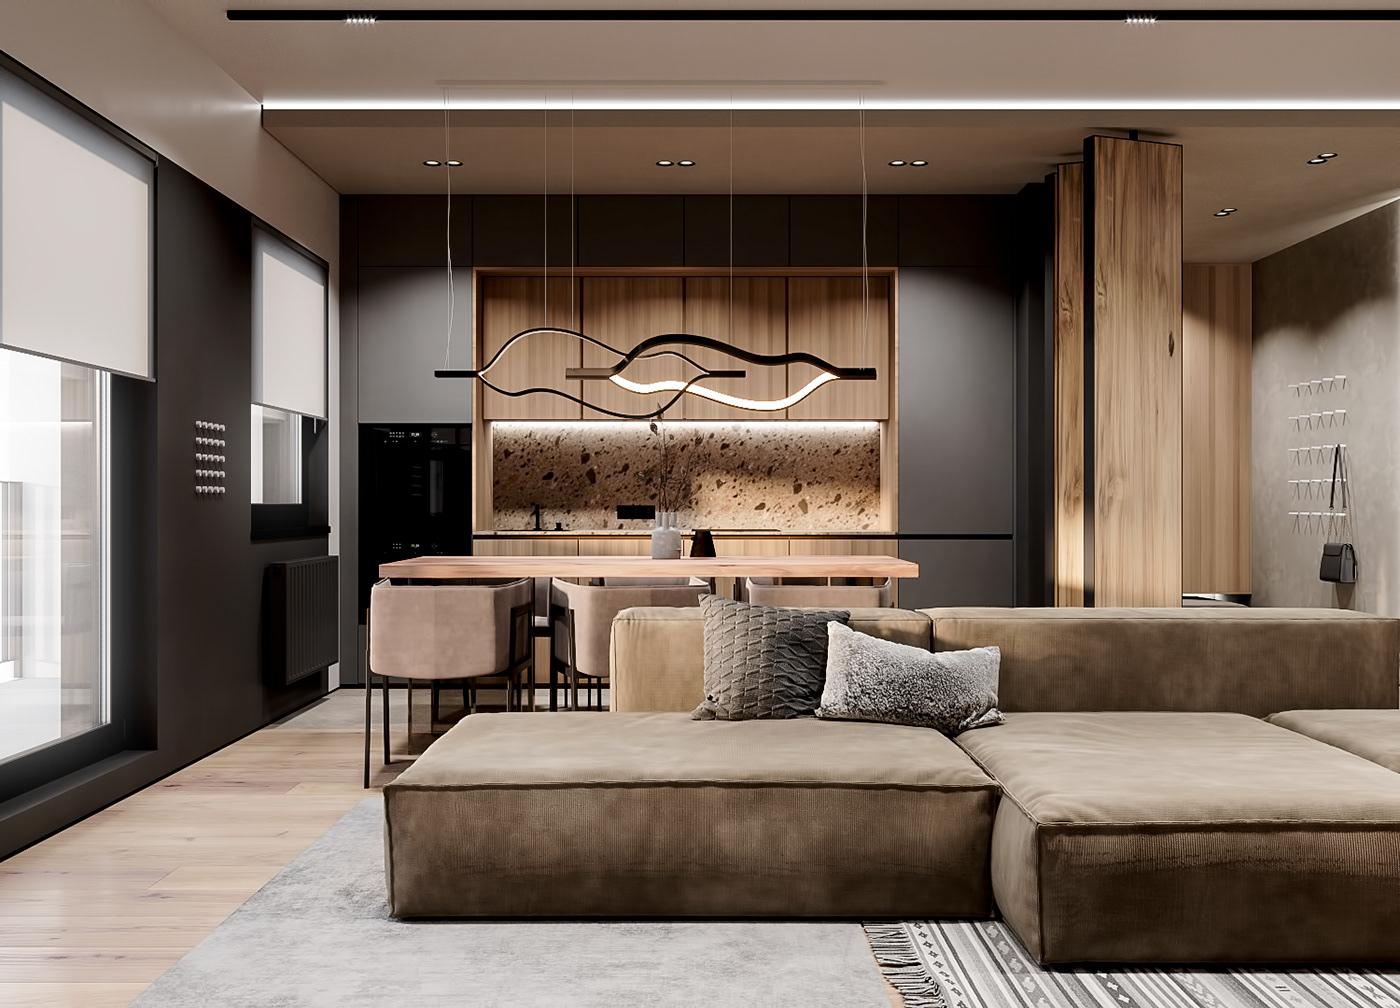 Cozy Apartment On Behance